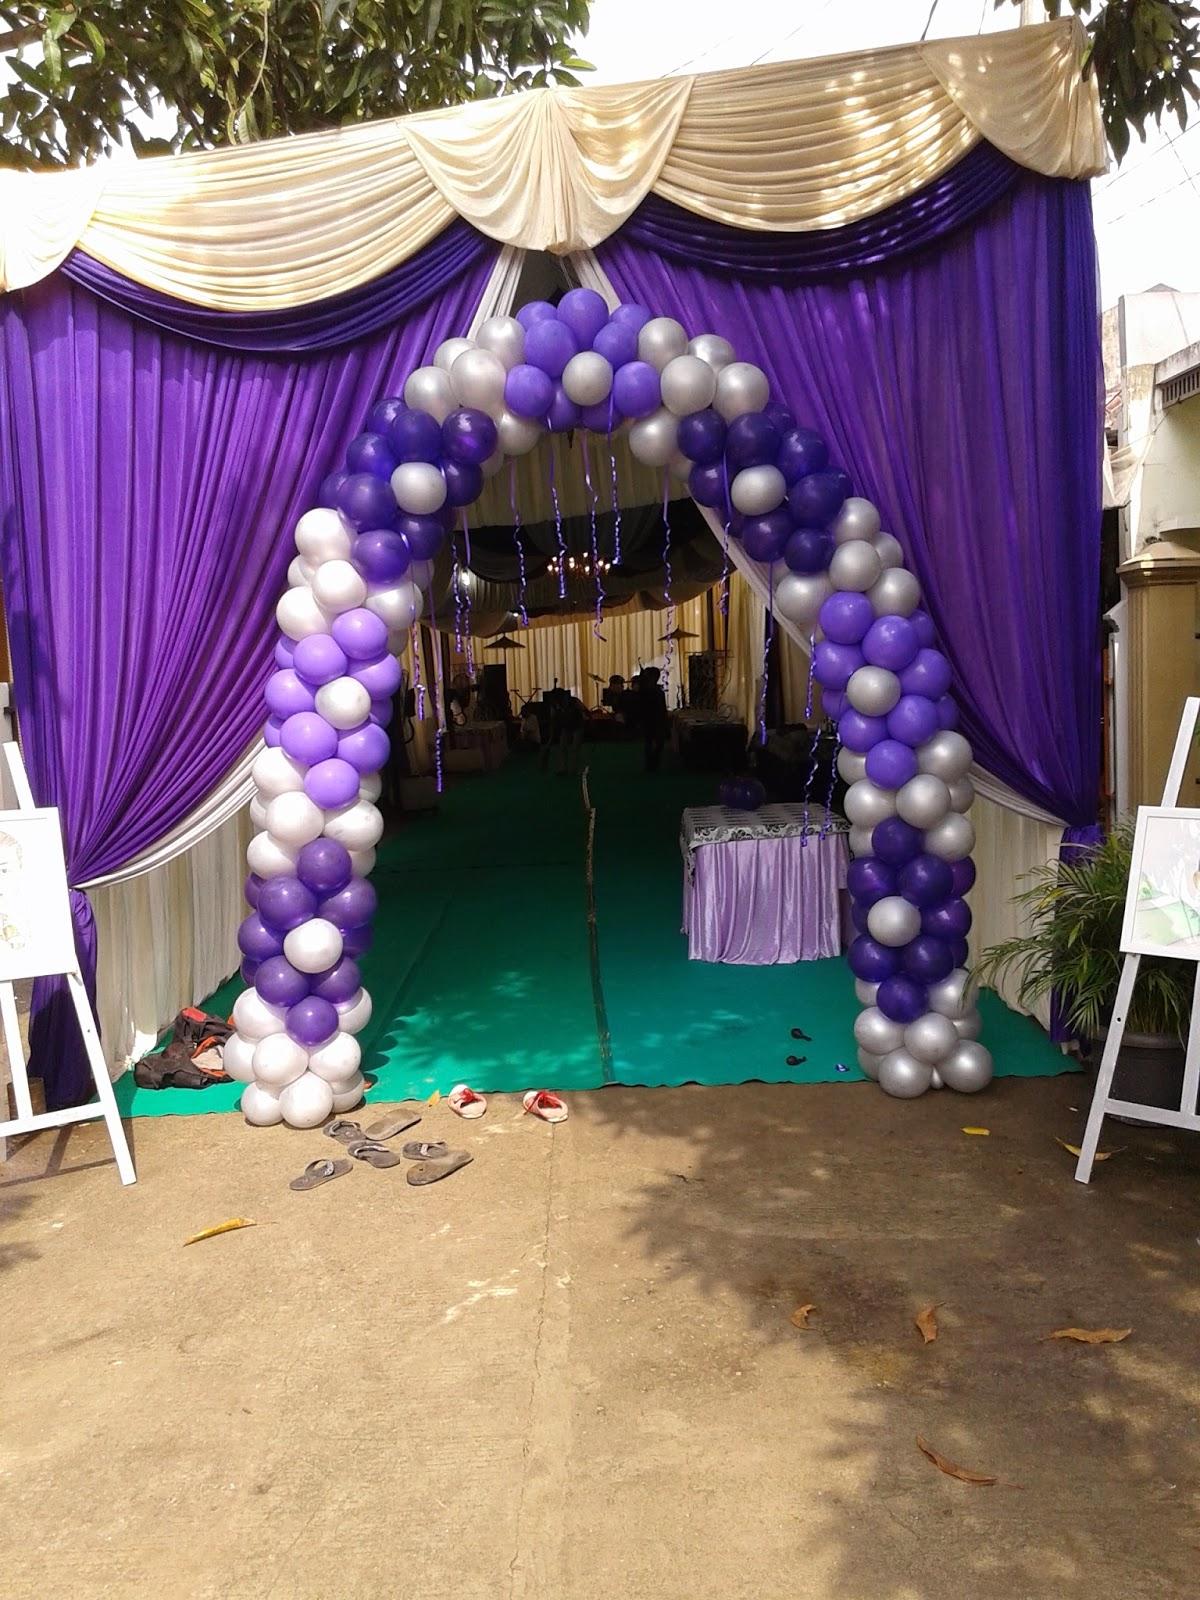 balon gate dekorasi pernikahan